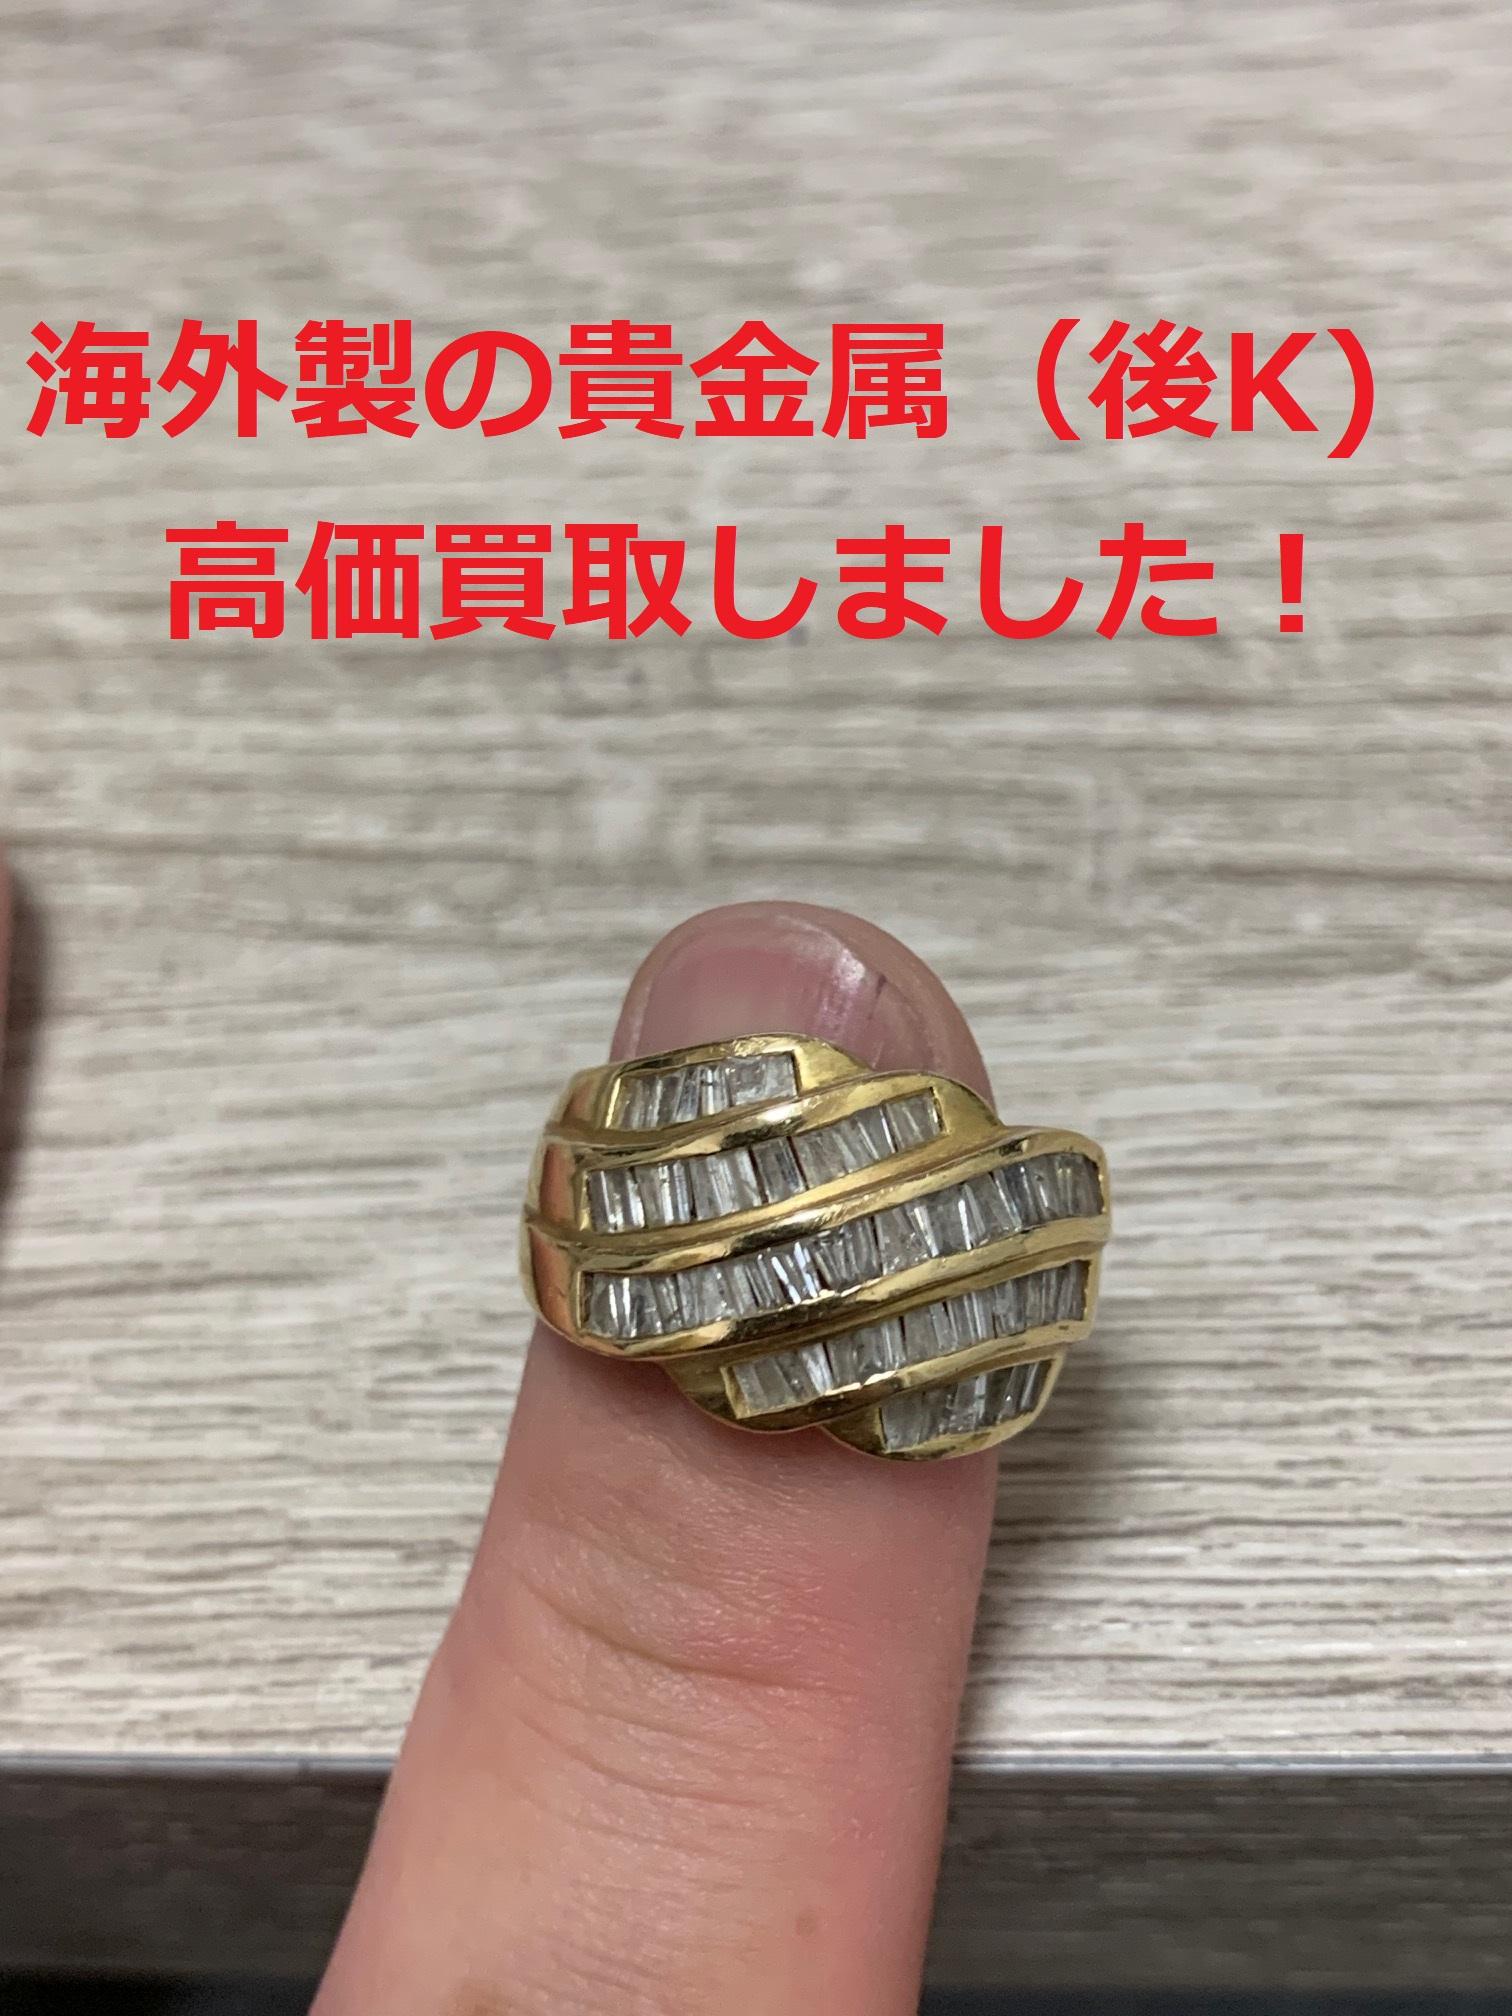 買取わかばイオン藤沢湘南ライフタウン店海外貴金属後Kダイヤ付きリング高価買取させて頂きました!メッキアクセサリーも大歓迎です!